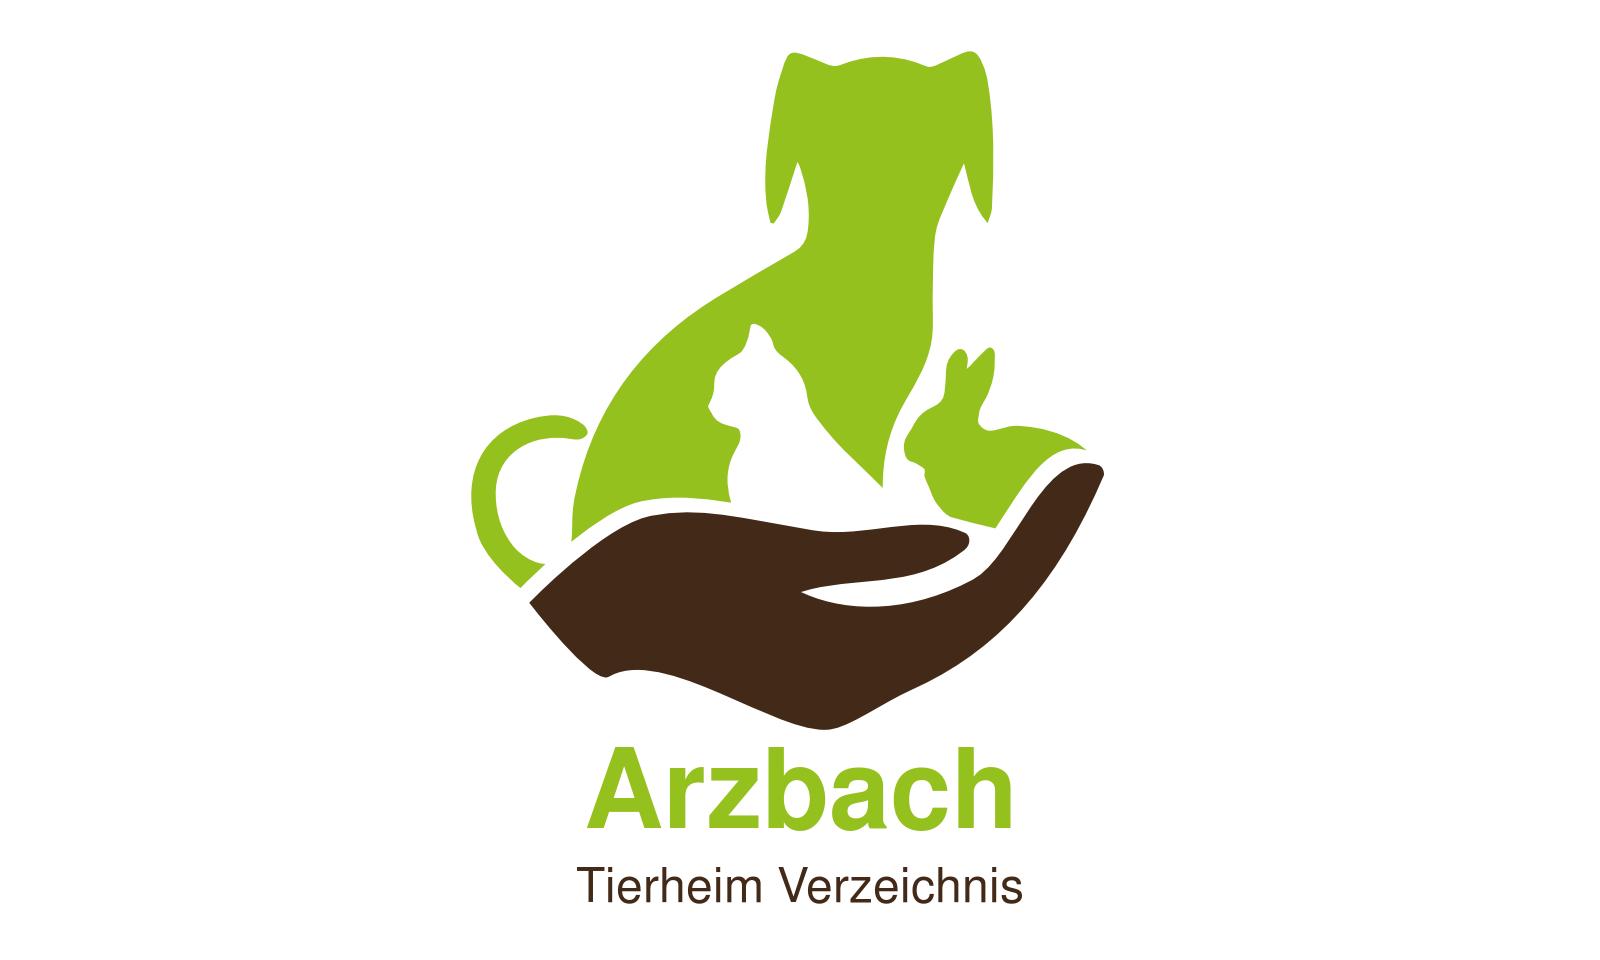 Tierheim Arzbach